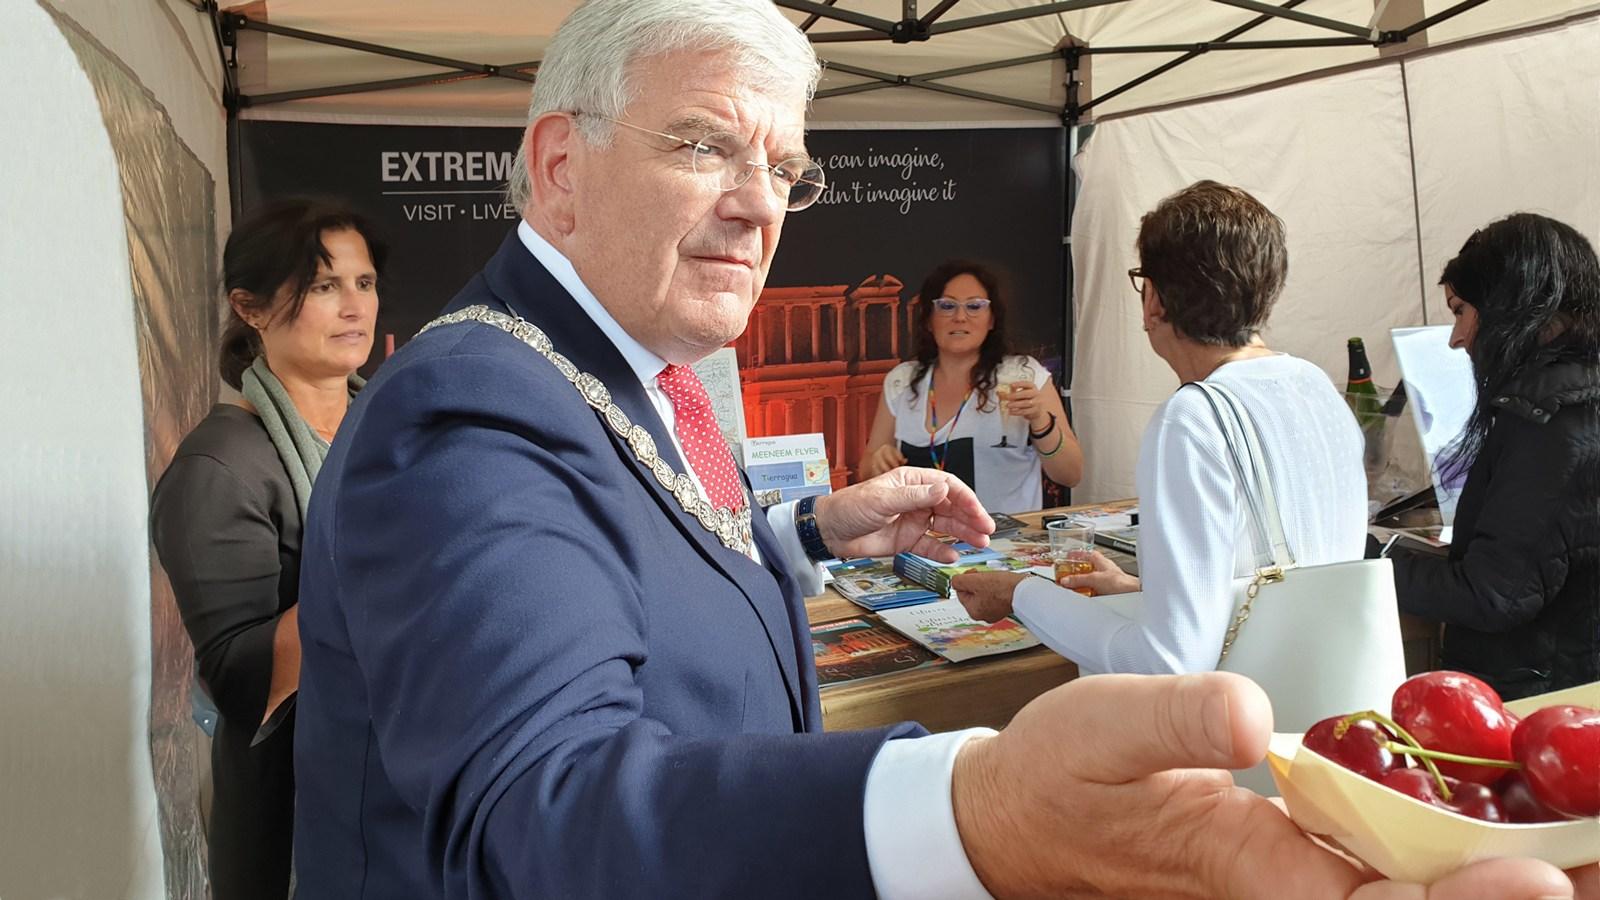 De burgemeester van Utrecht had ook belangstelling voor de culinaire streekproducten van Extremadura